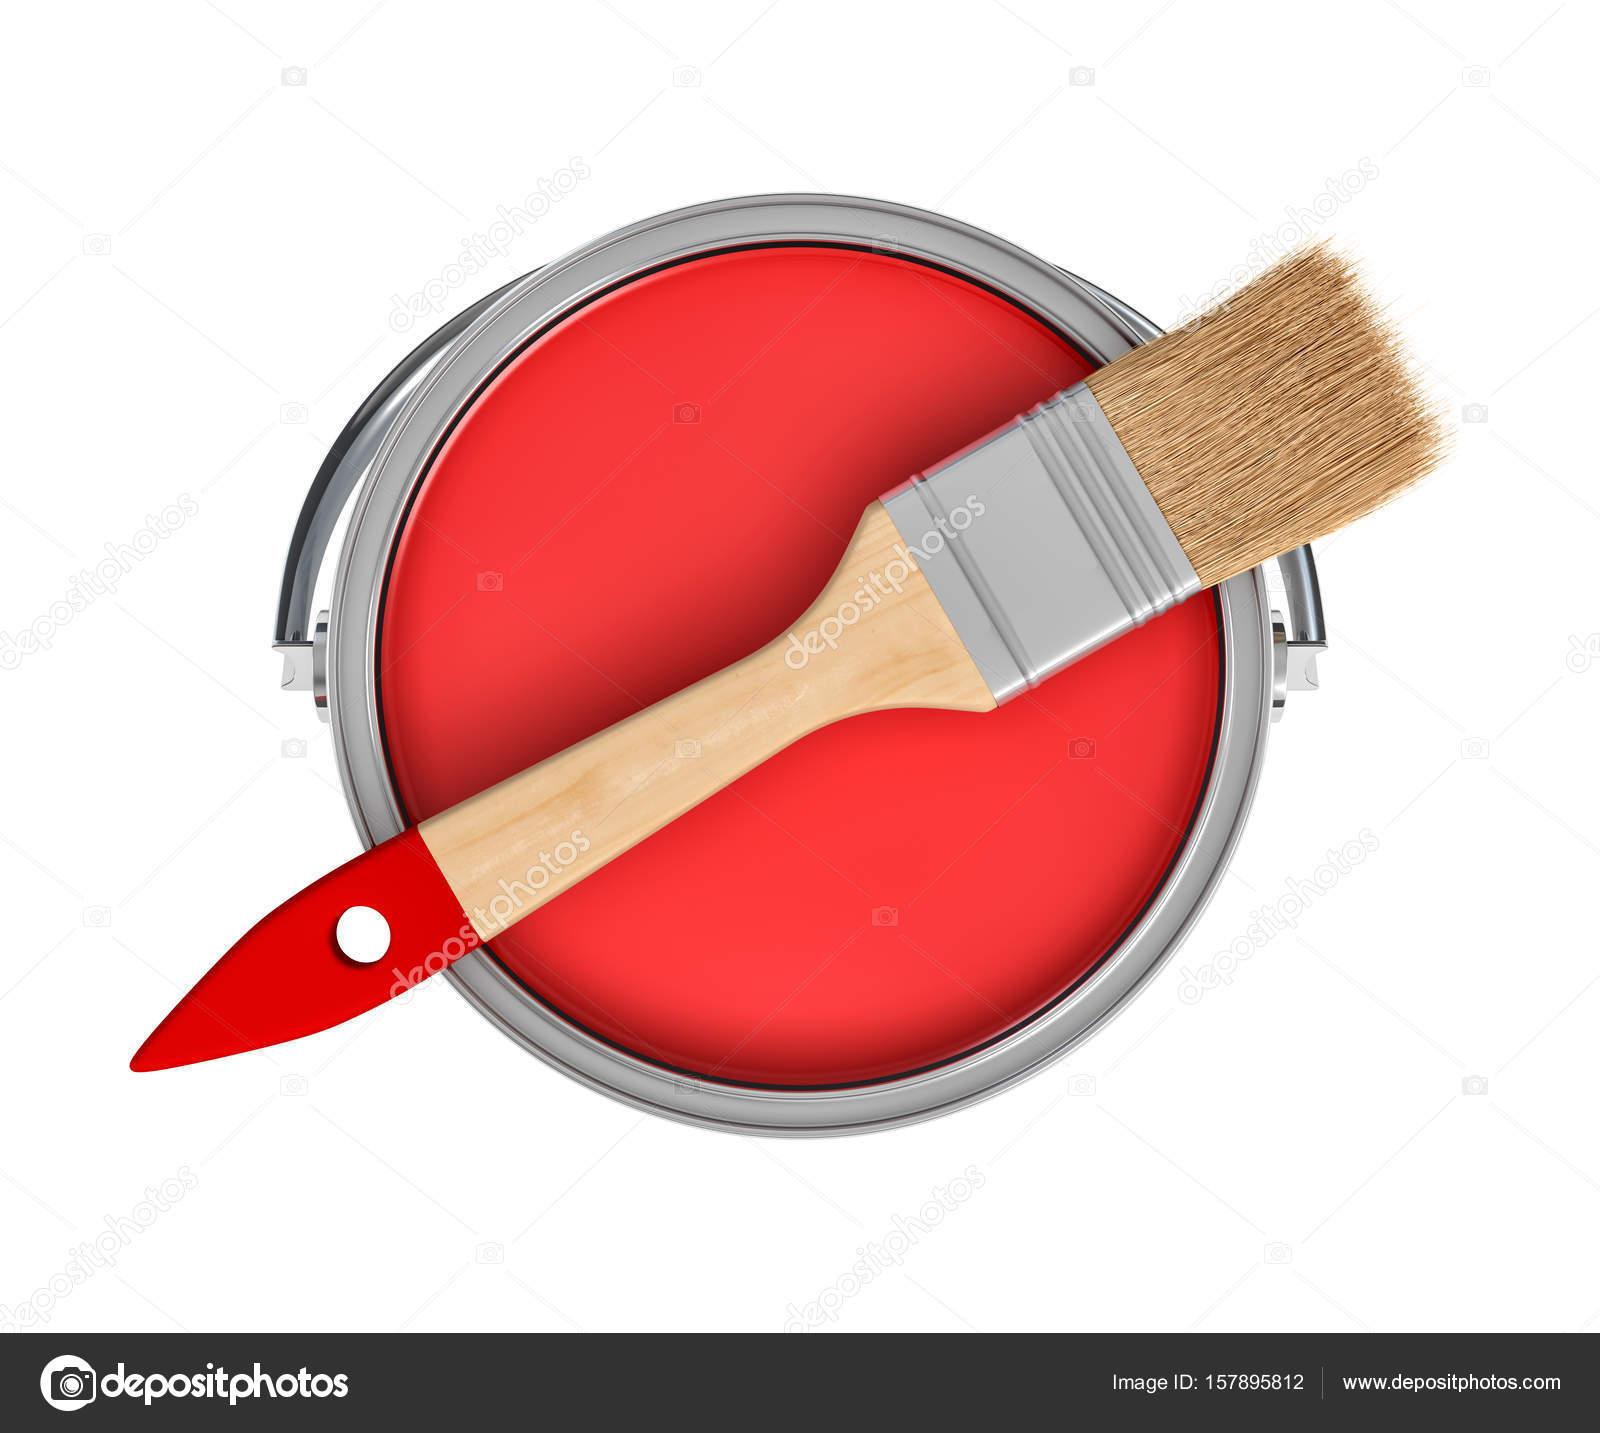 rendu 3d d un pot de peinture rouge et une brosse en bois avec une poign e rouge en vue de. Black Bedroom Furniture Sets. Home Design Ideas